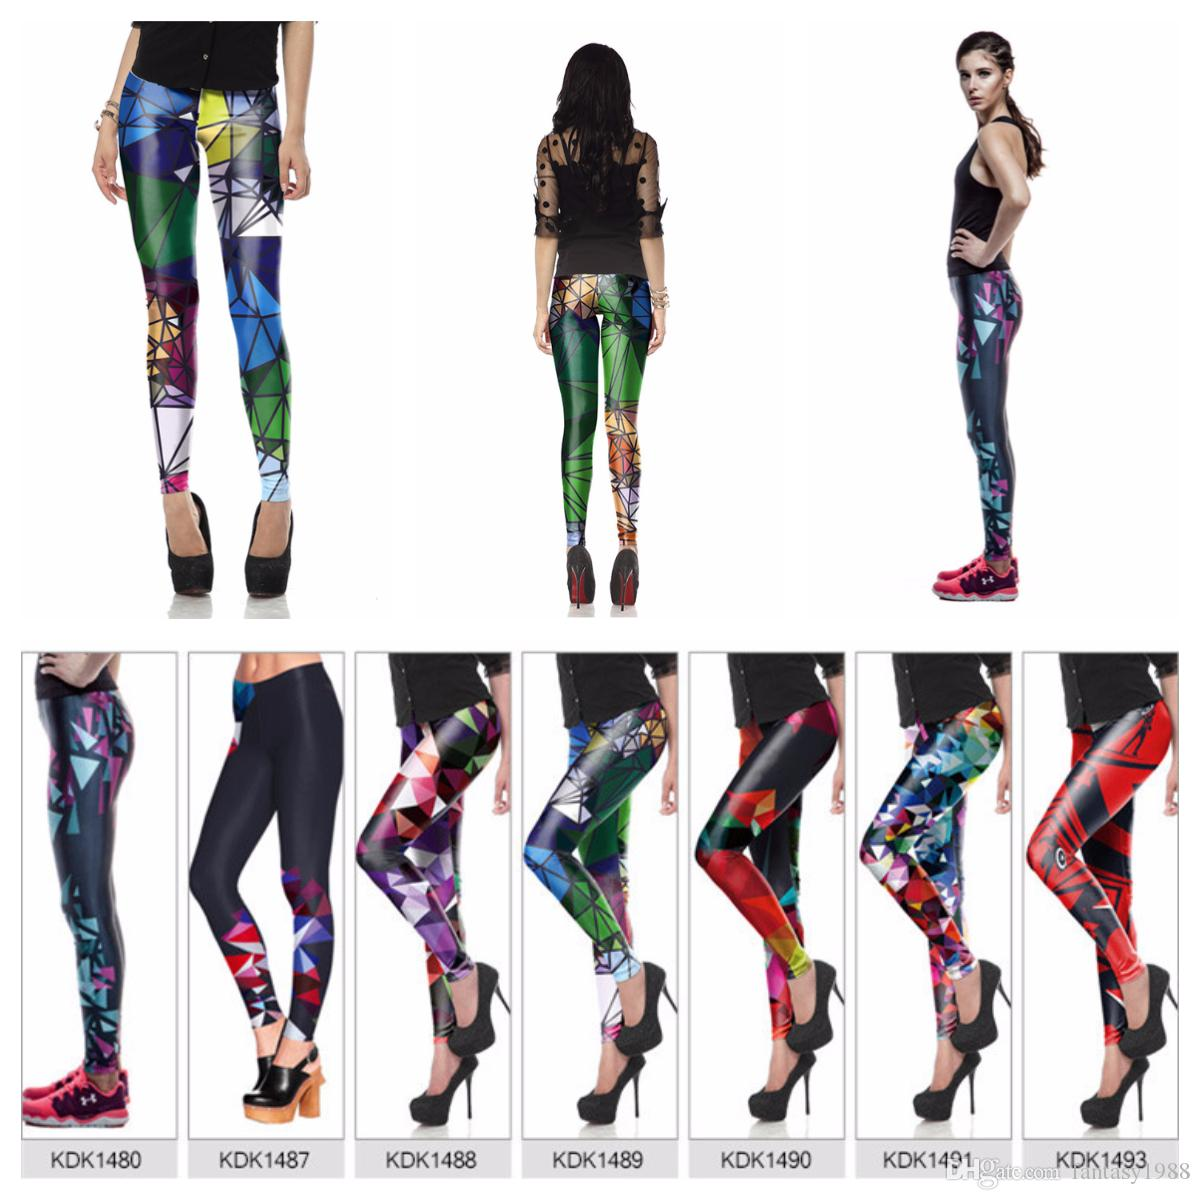 Moda Feminina Legging Girls Calças apertadas Impressão Skinny Lápis Calças Yoga Fitness Leggings Coloridos 7 Poliéster Estilo